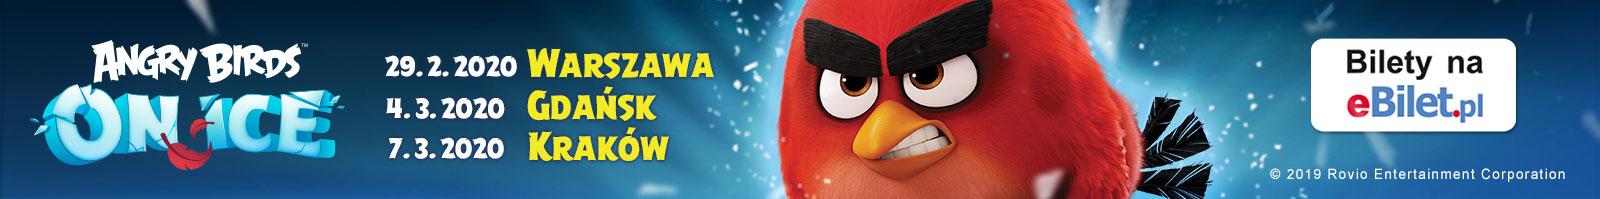 belka angry birds on ice